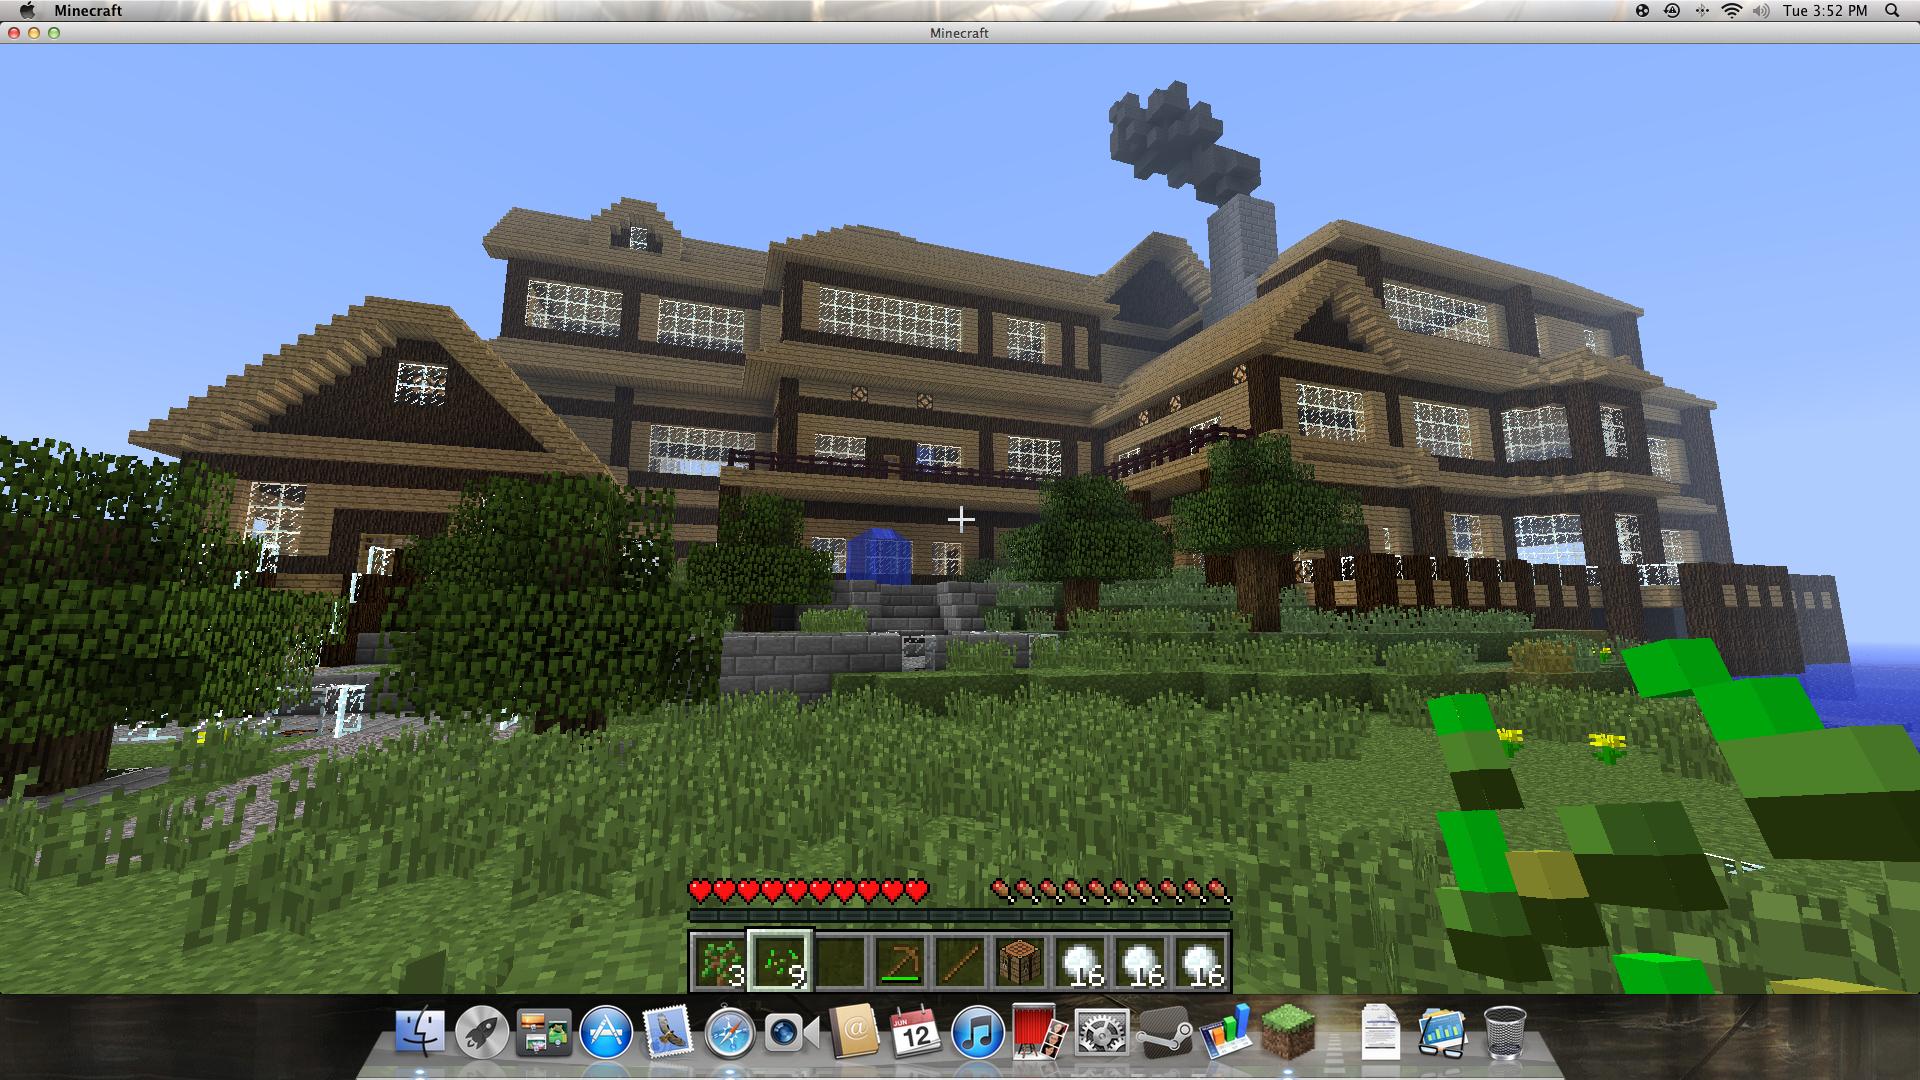 Mansion With Lights 2 0 addon - Minecraft - Indie DB